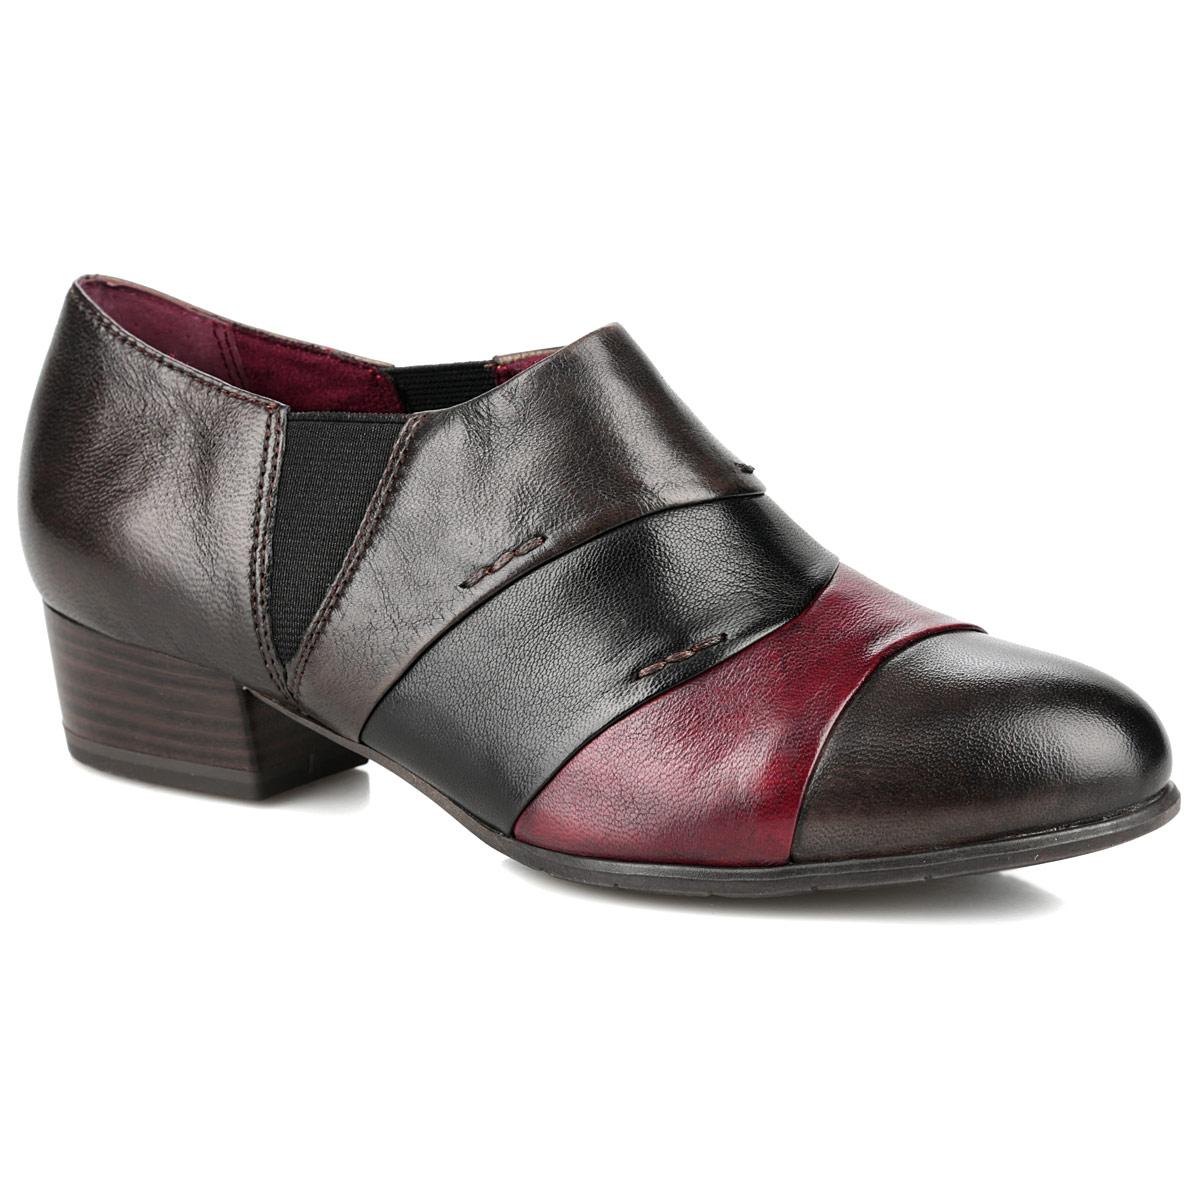 1-24301-25-391Эффектные женские полуботинки Tamaris займут достойное место в вашем гардеробе. Модель выполнена из натуральной кожи и оформлена на мысе вставками контрастных цветов, декоративными внешними швами. Резинки, расположенные сбоку, обеспечивают оптимальную посадку обуви на ноге. Кожаная стелька позволяет ногам дышать. Невысокий каблук устойчив. Подошва и каблук оснащены противоскользящим рифлением. Модные полуботинки добавят шика в модный образ и подчеркнут ваш безупречный вкус.